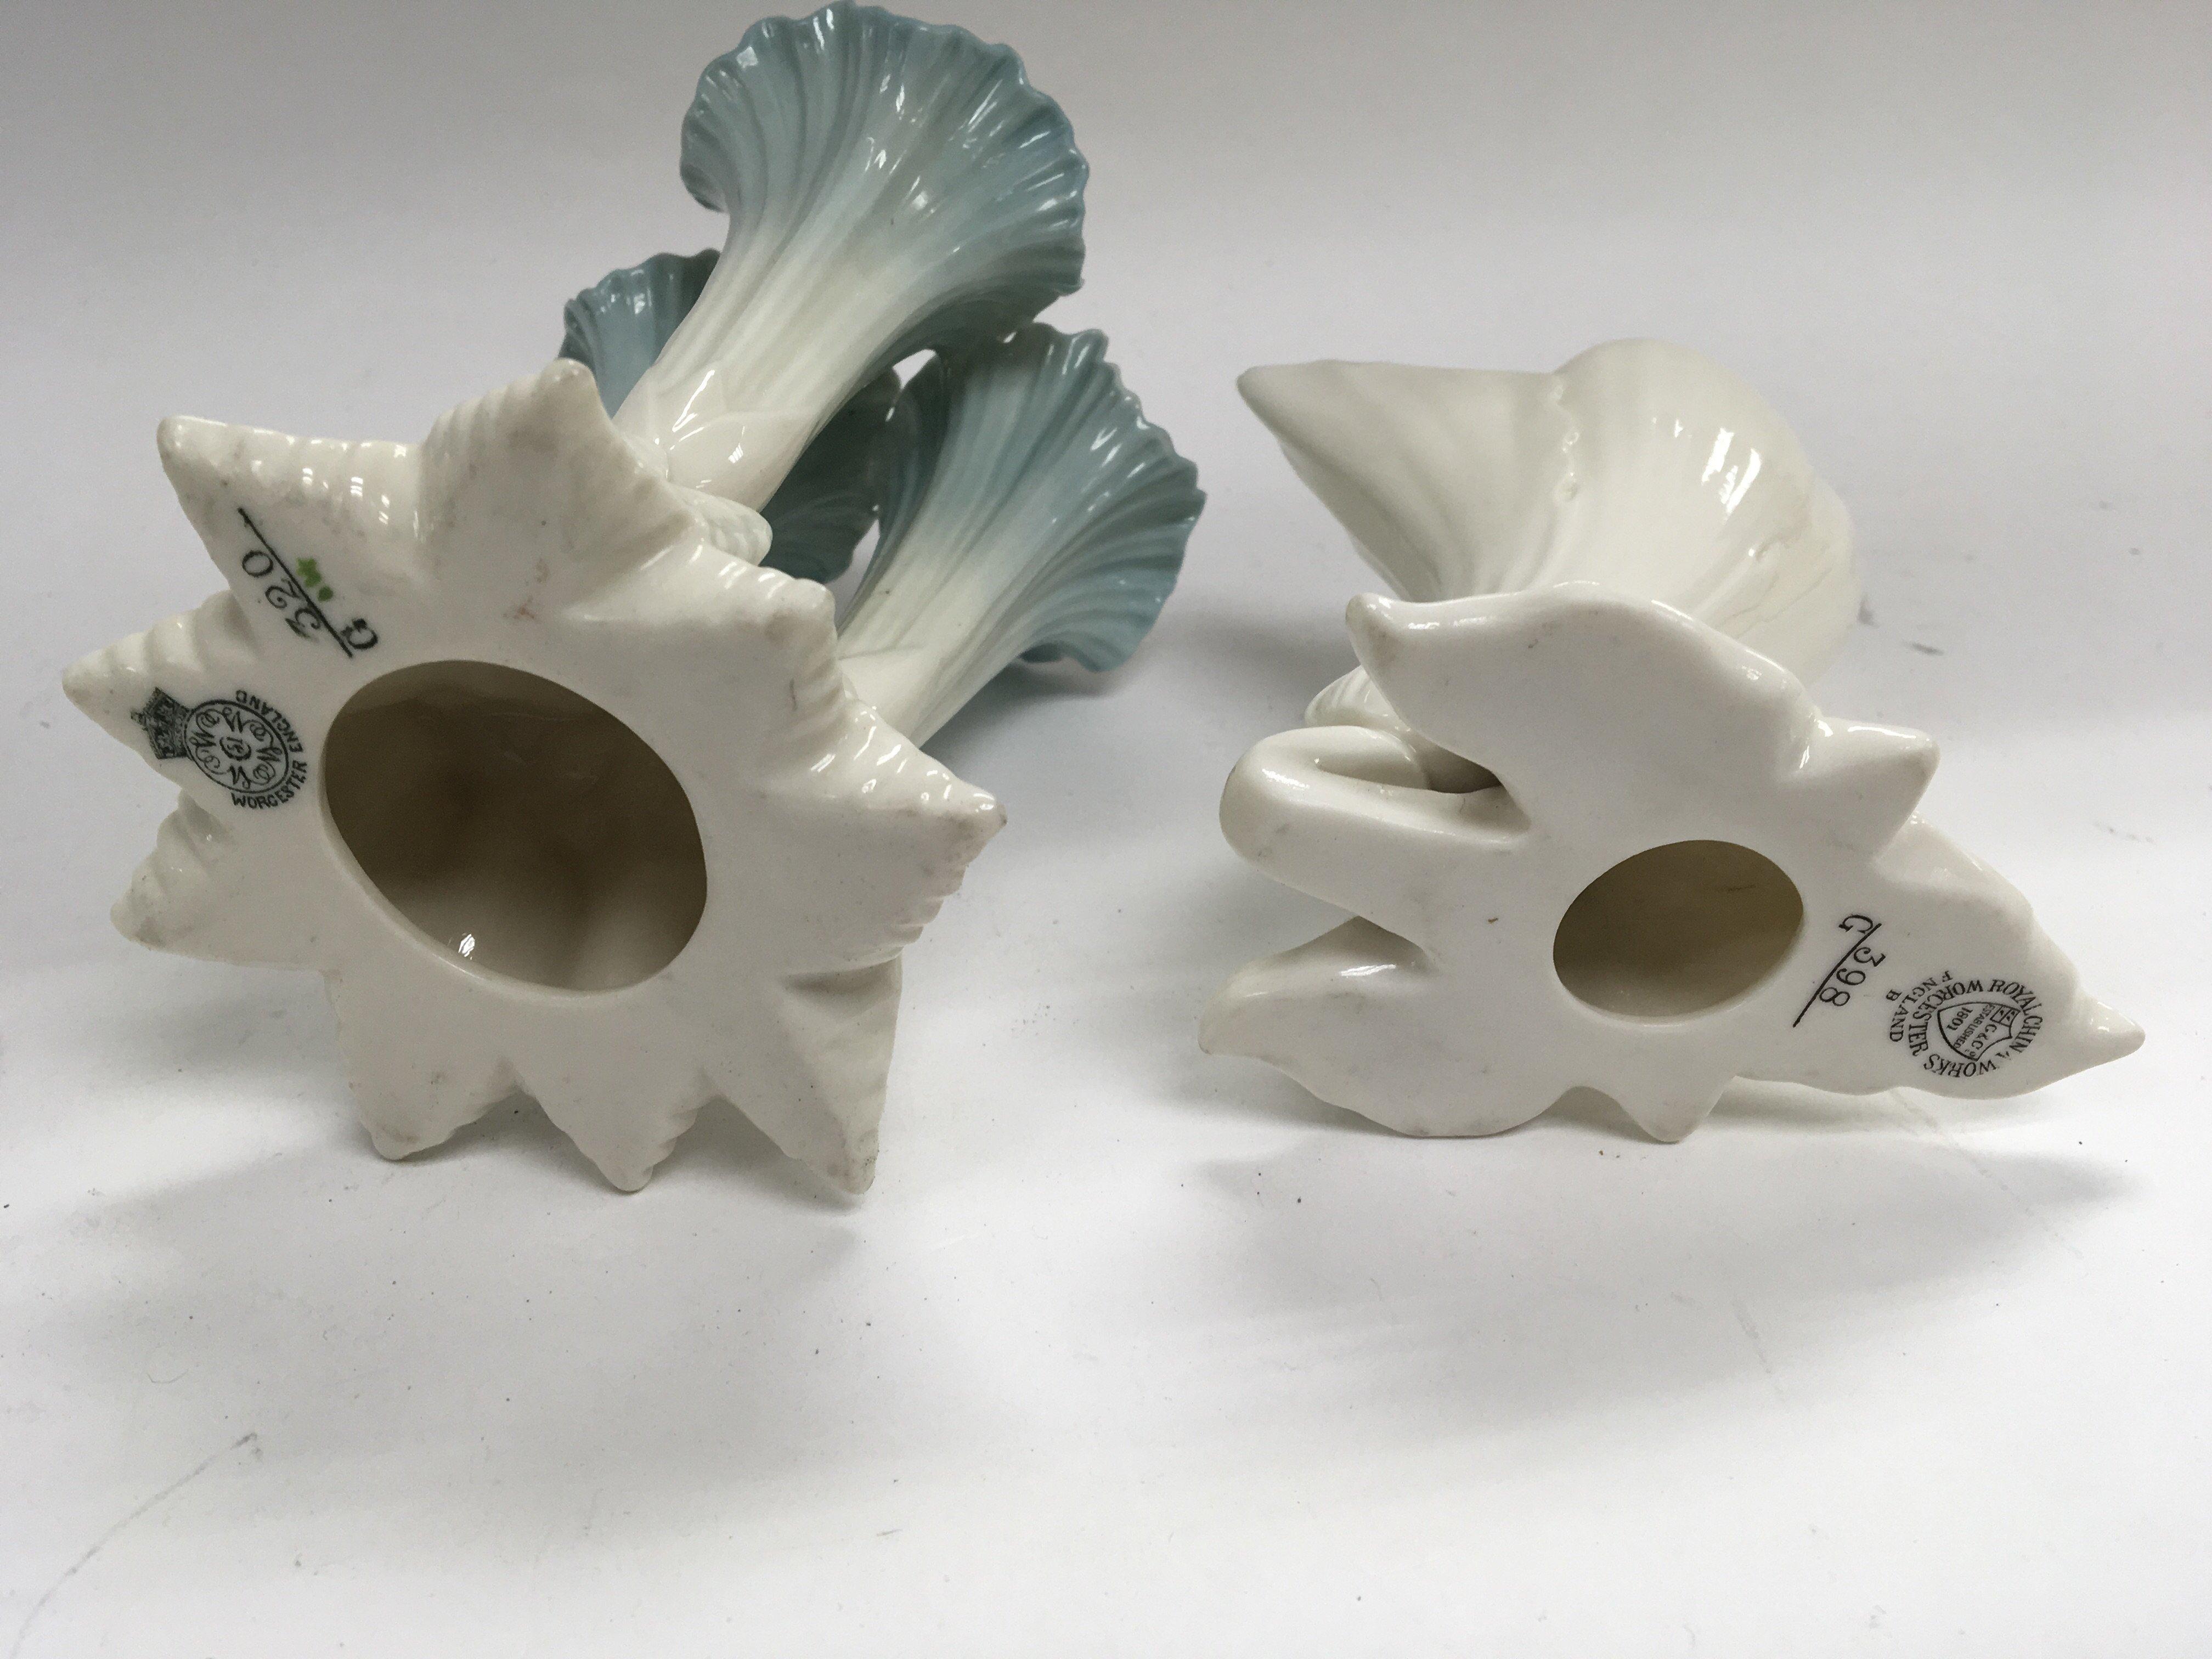 Lot 709 - Two Worcester porcelain flower vases Hight 15cm (2